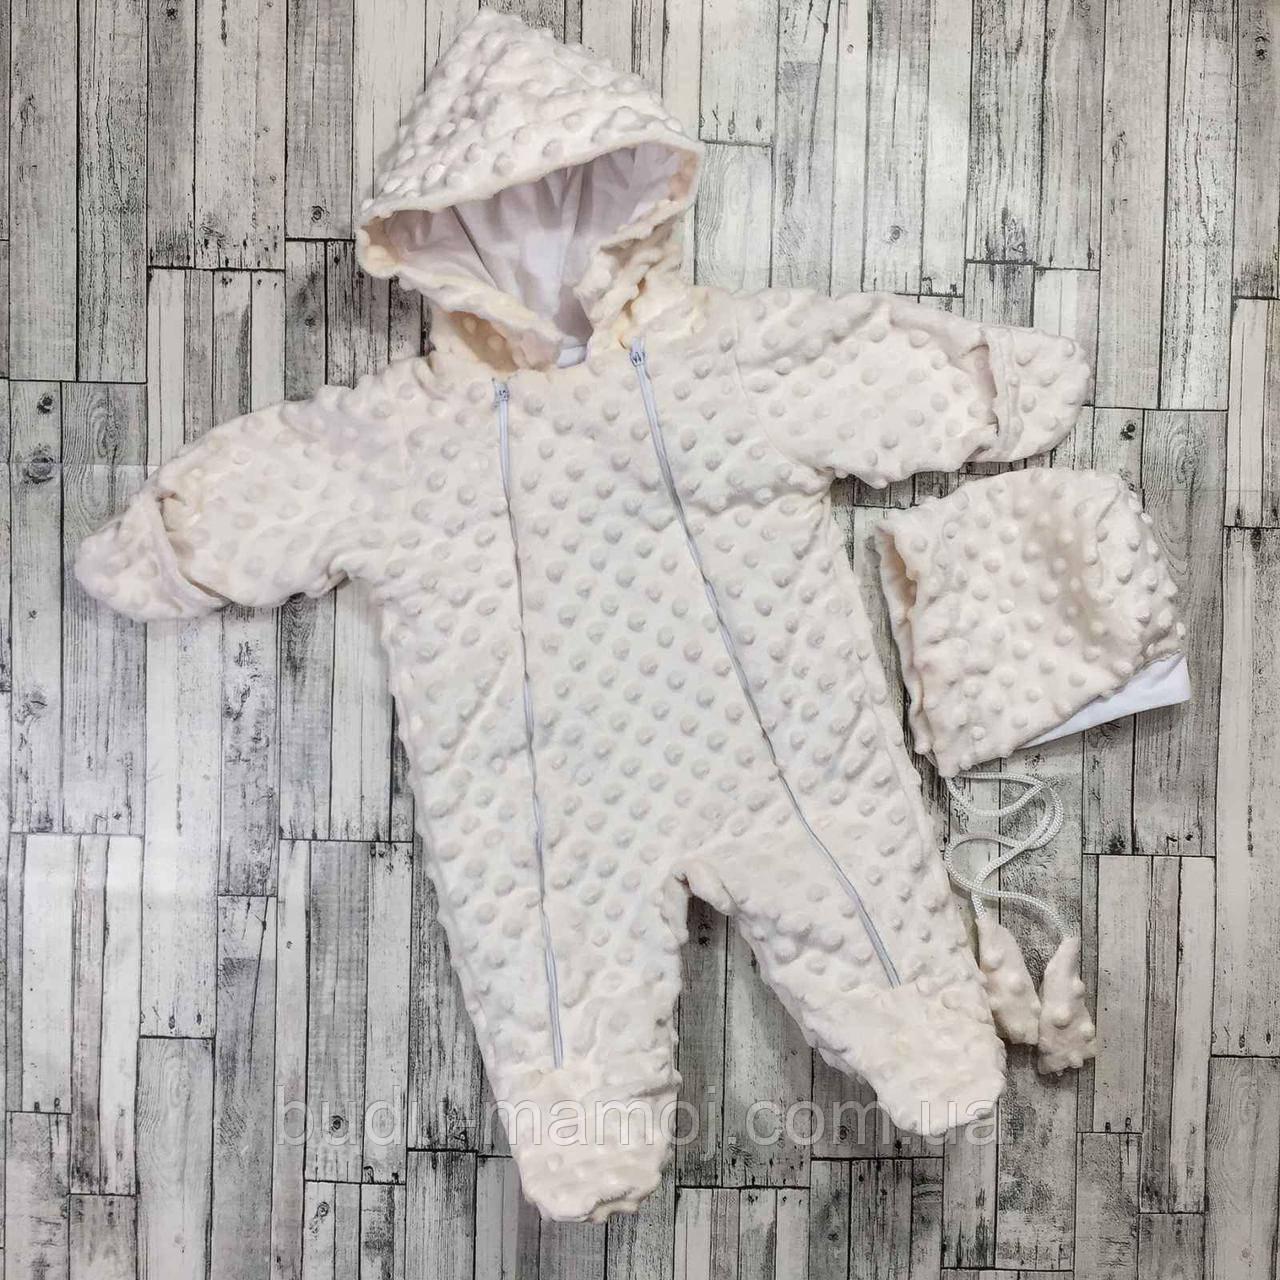 Комбинезон + шапочка на выписку для новорожденного в роддом плюш Минки Польша ВЕСНА